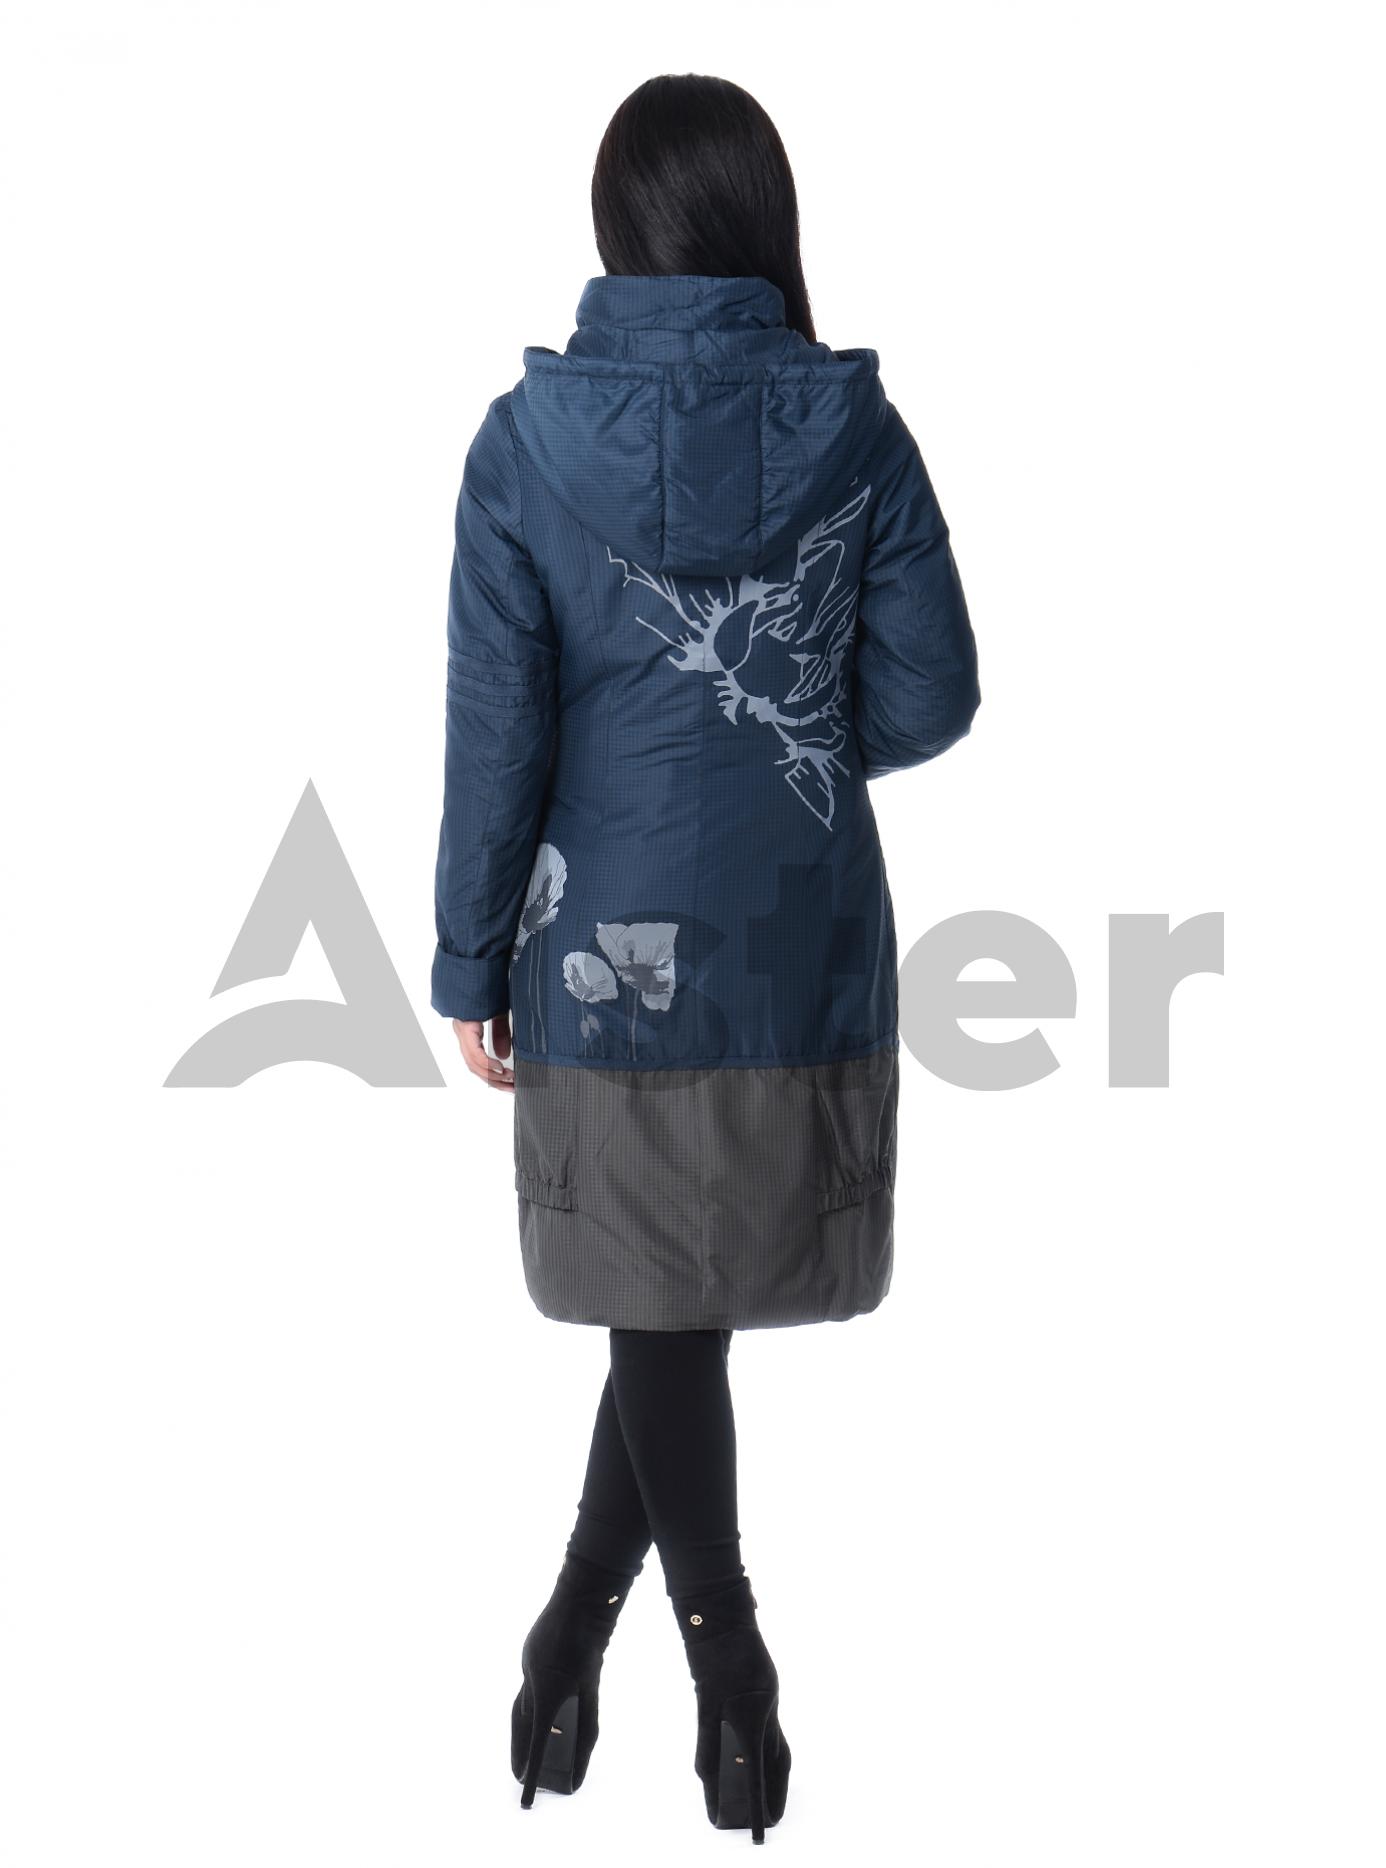 Плащ демисезонный со съемным капюшоном Тёмно-синий S (03-P19005): фото - Alster.ua